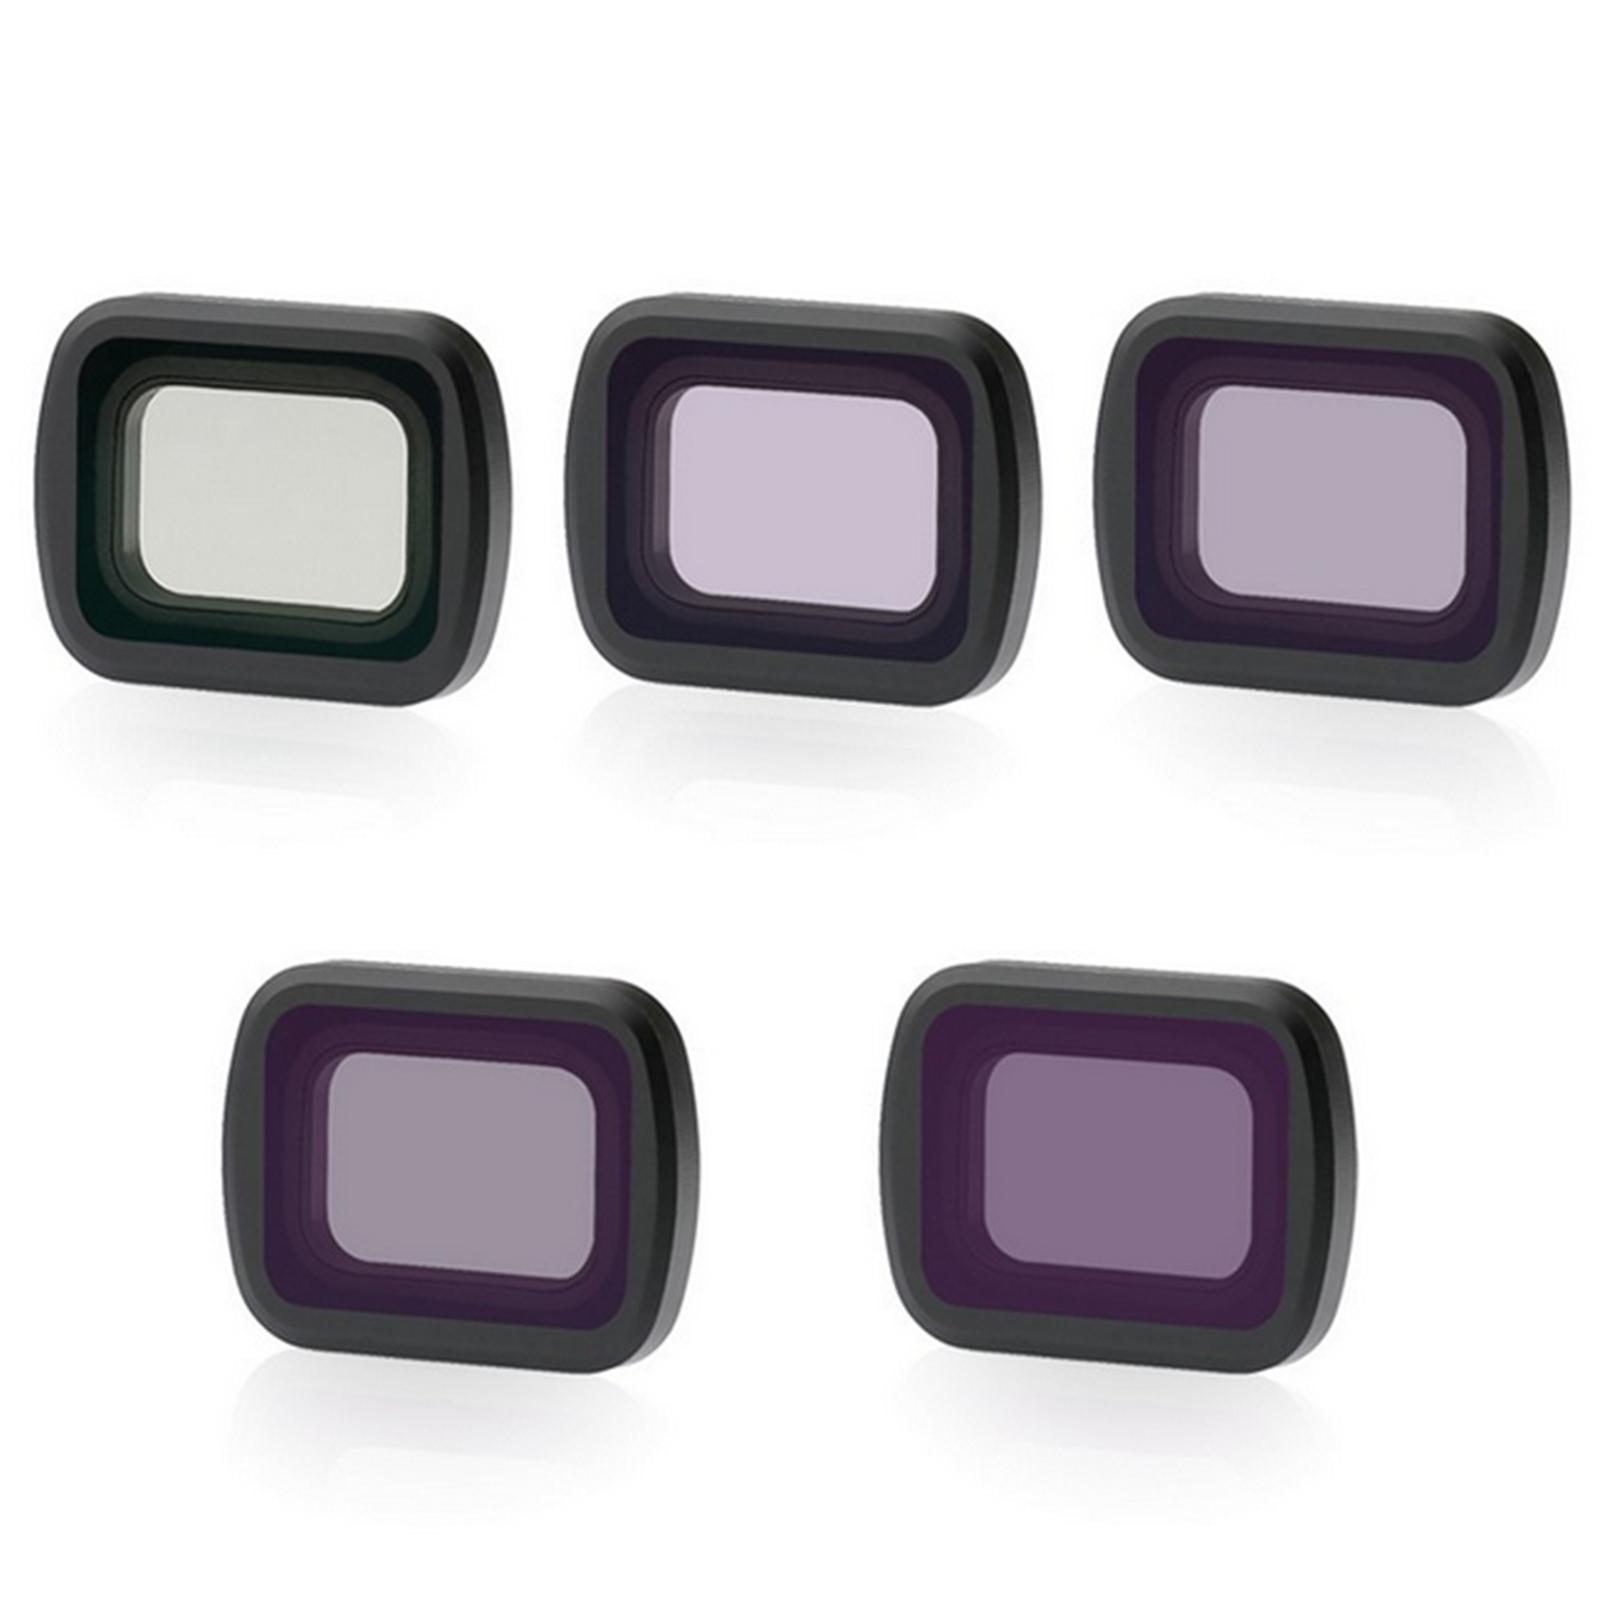 Für Xiaomi FIMI PALM Kamera Objektiv Filter ND-PL CPL ND8-PL ND16-PL ND32-PL Set